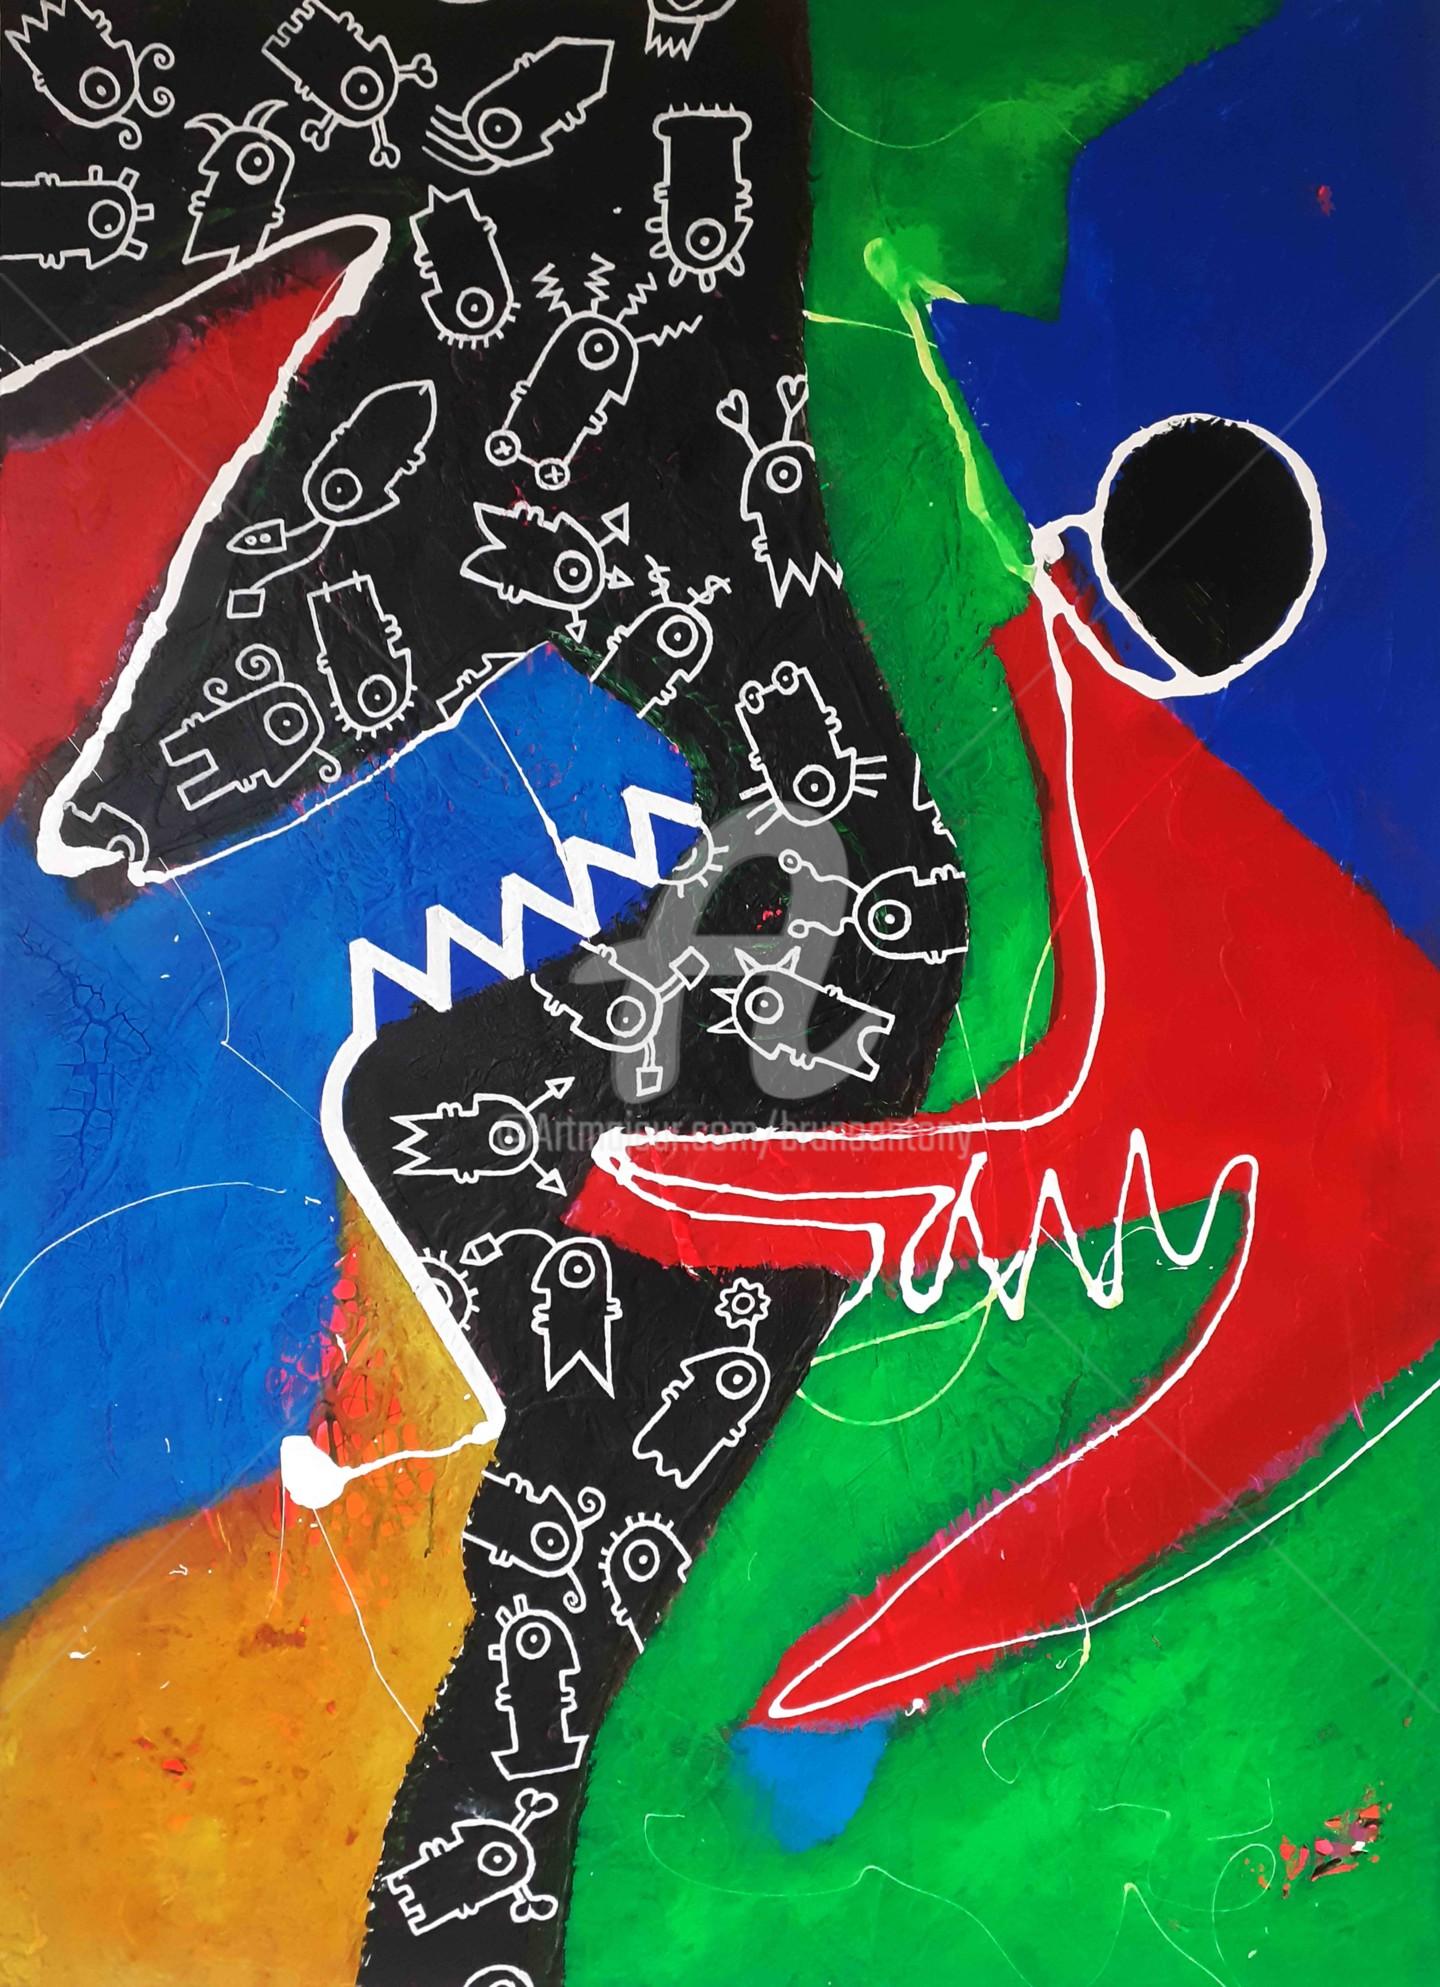 Bruno Antony-Thouret (bruno antony) - ART VS CORONAVIRUS